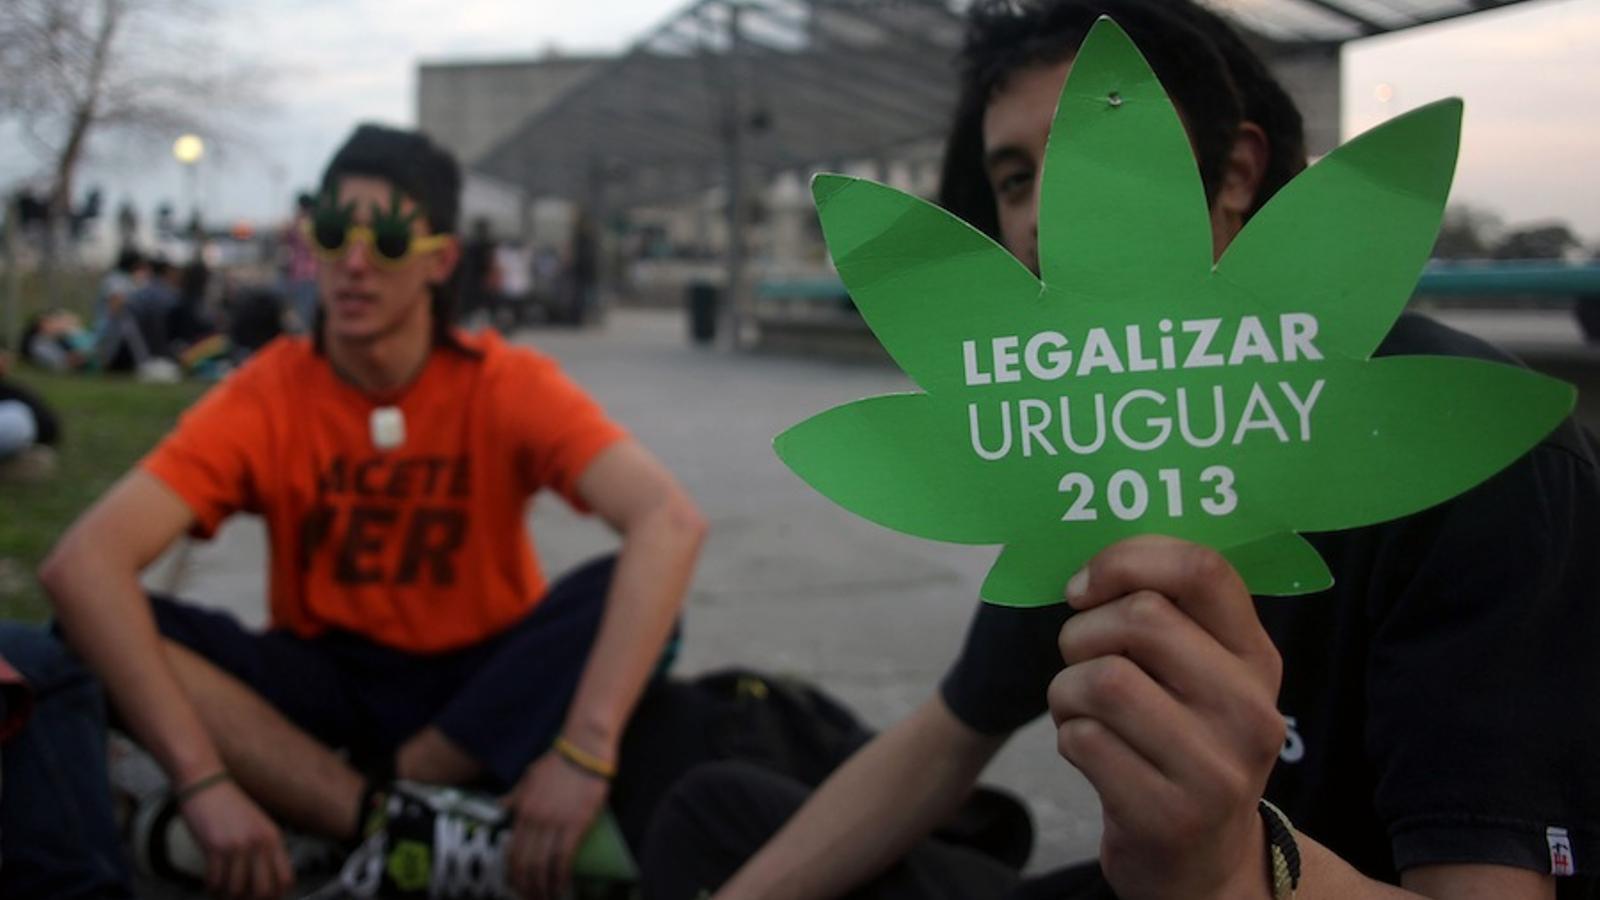 L'Uruguai comença a vendre marihuana per competir amb el narcotràfic